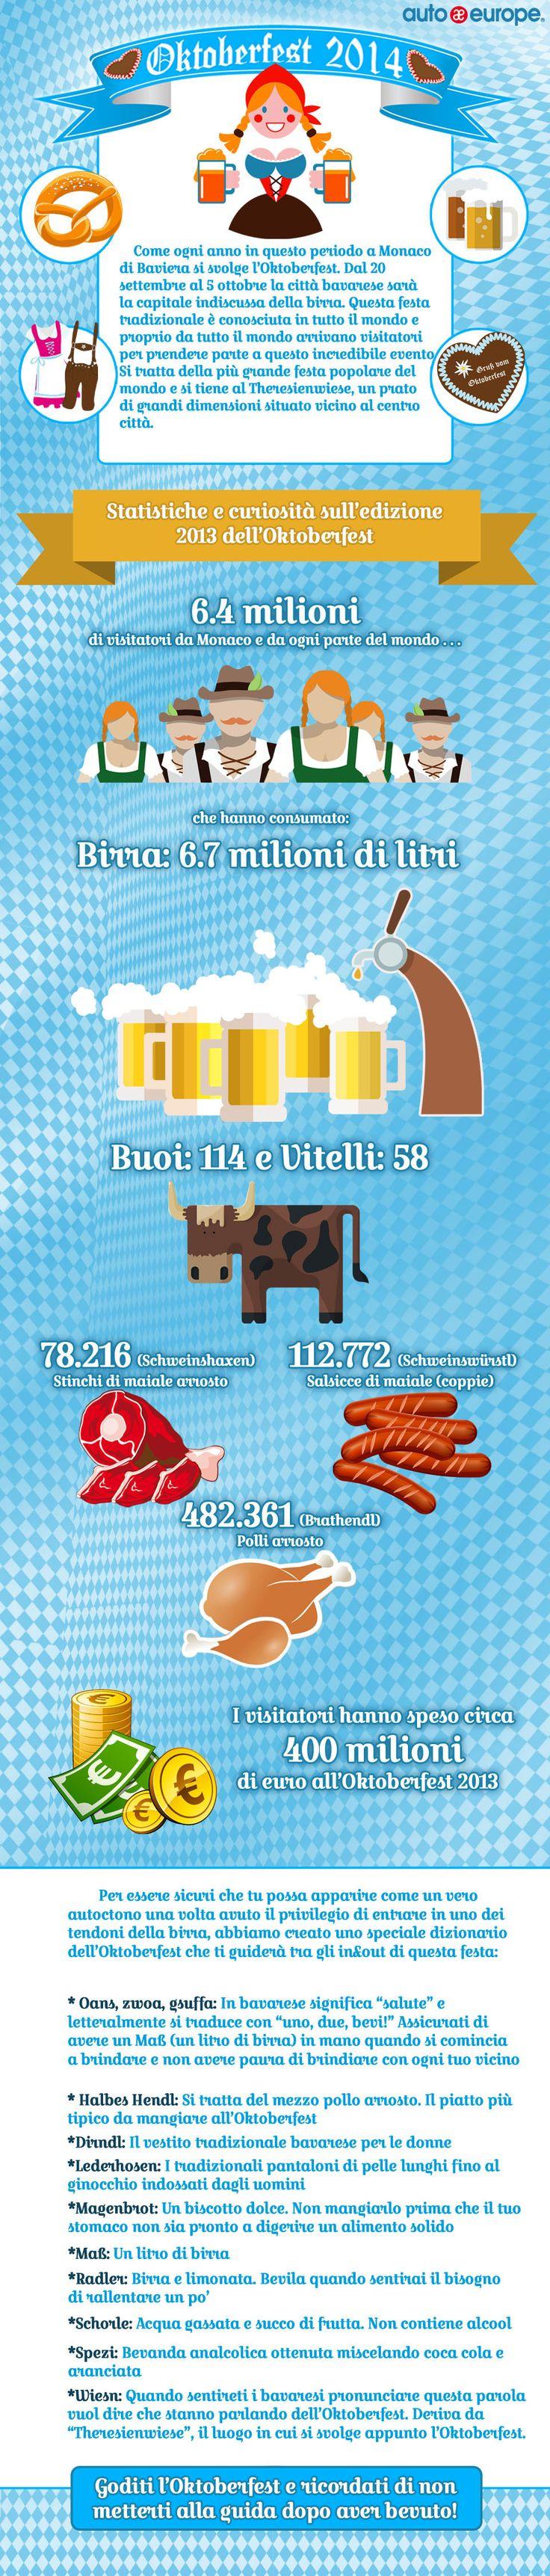 Infografica Oktoberfest Consulta qui le altre infografiche di Auto Europe